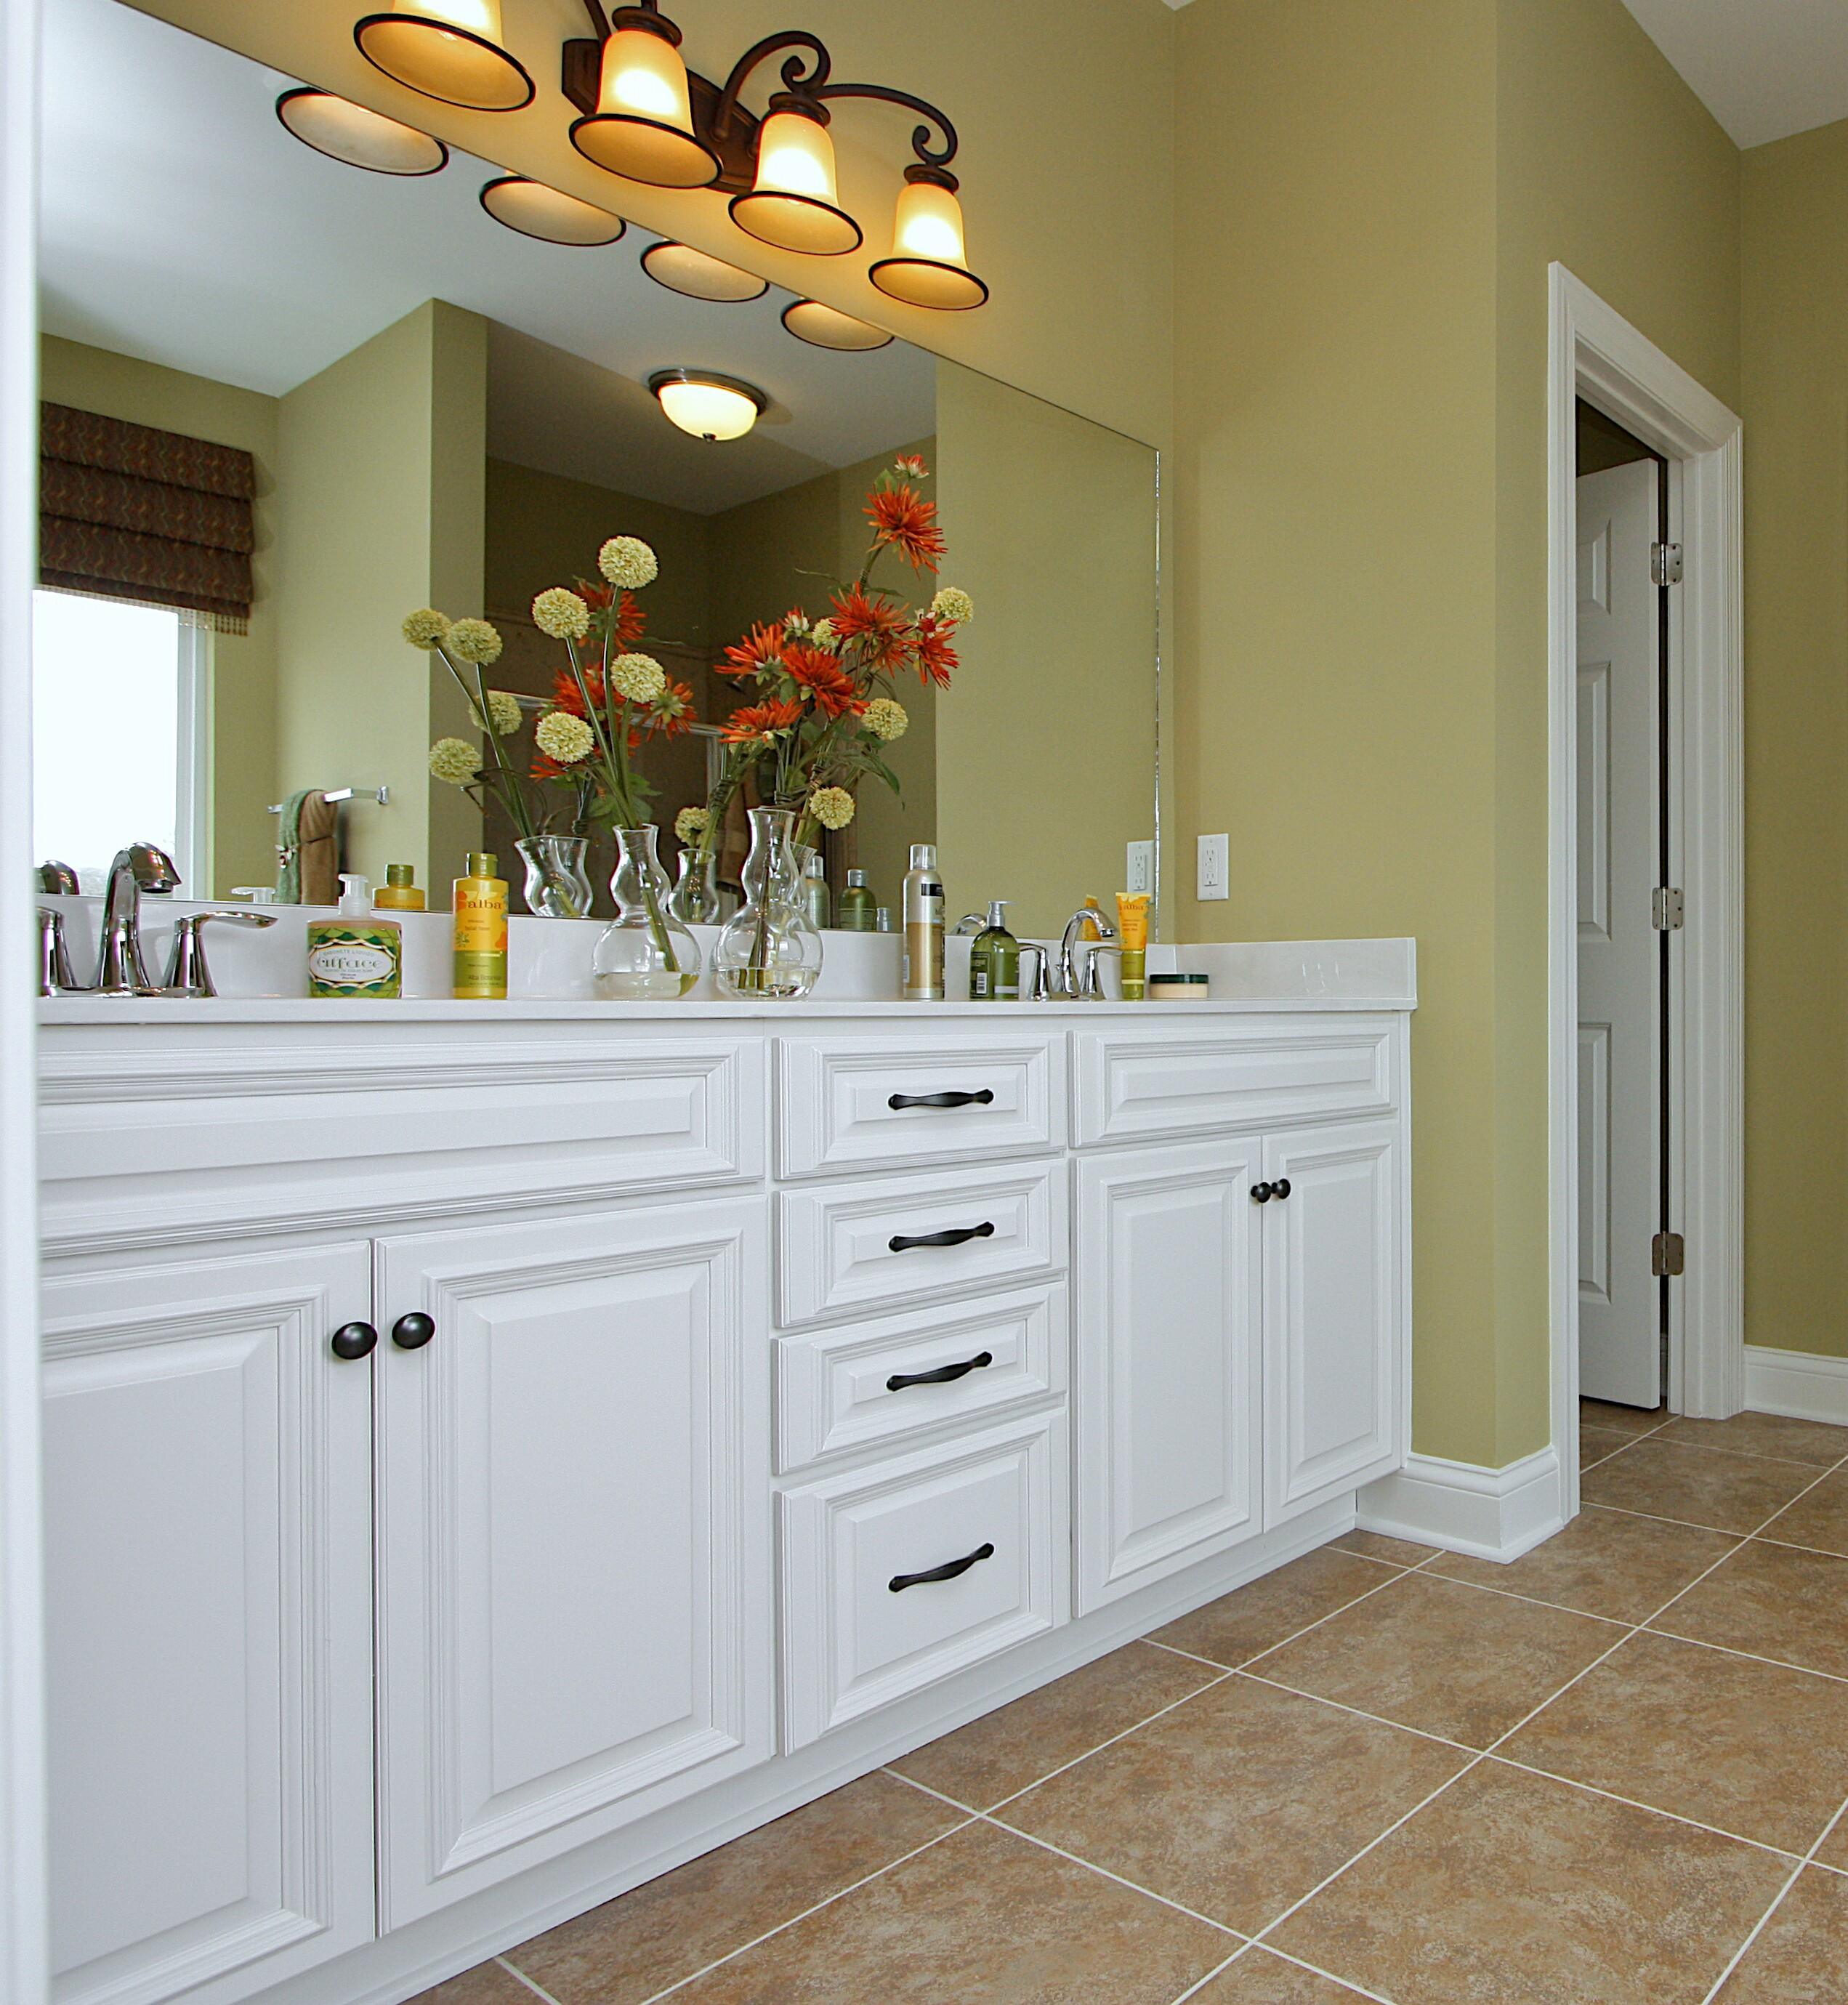 Kitchen Cabinet Online: RTA Customer Kitchen Reviews